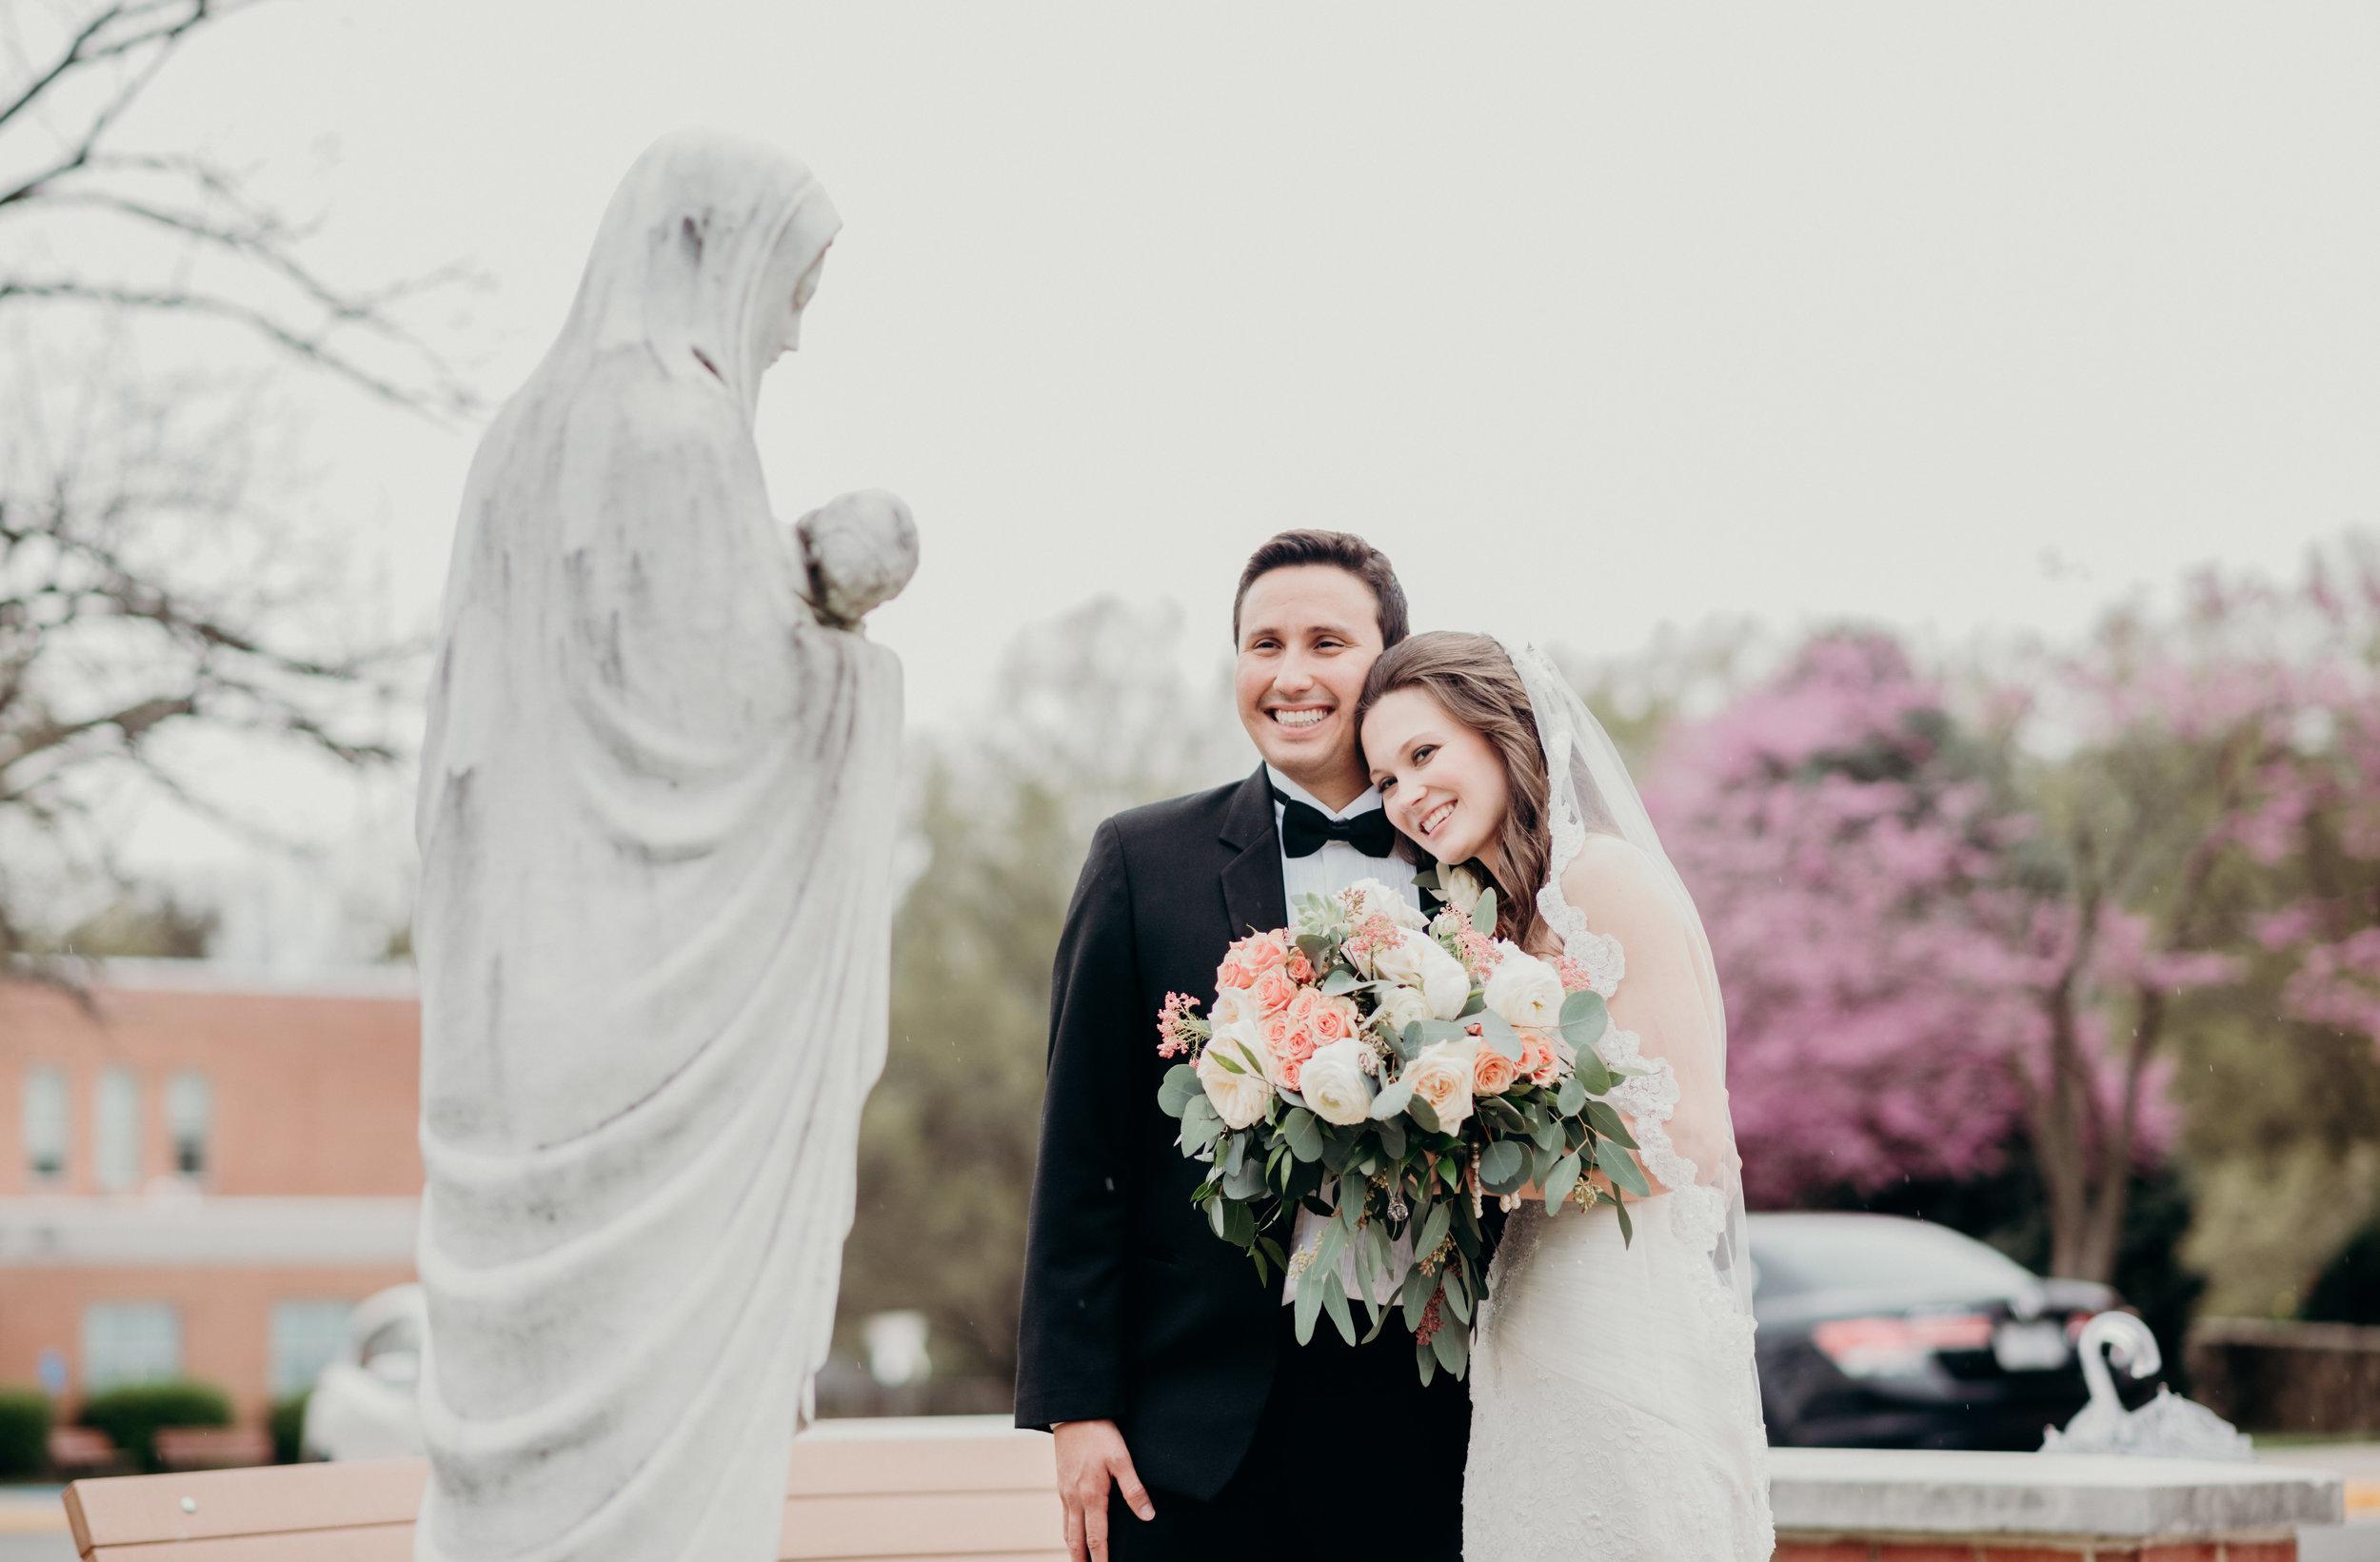 Spoken Bride Vendor Couple Wedding Portraits Virgin Mary